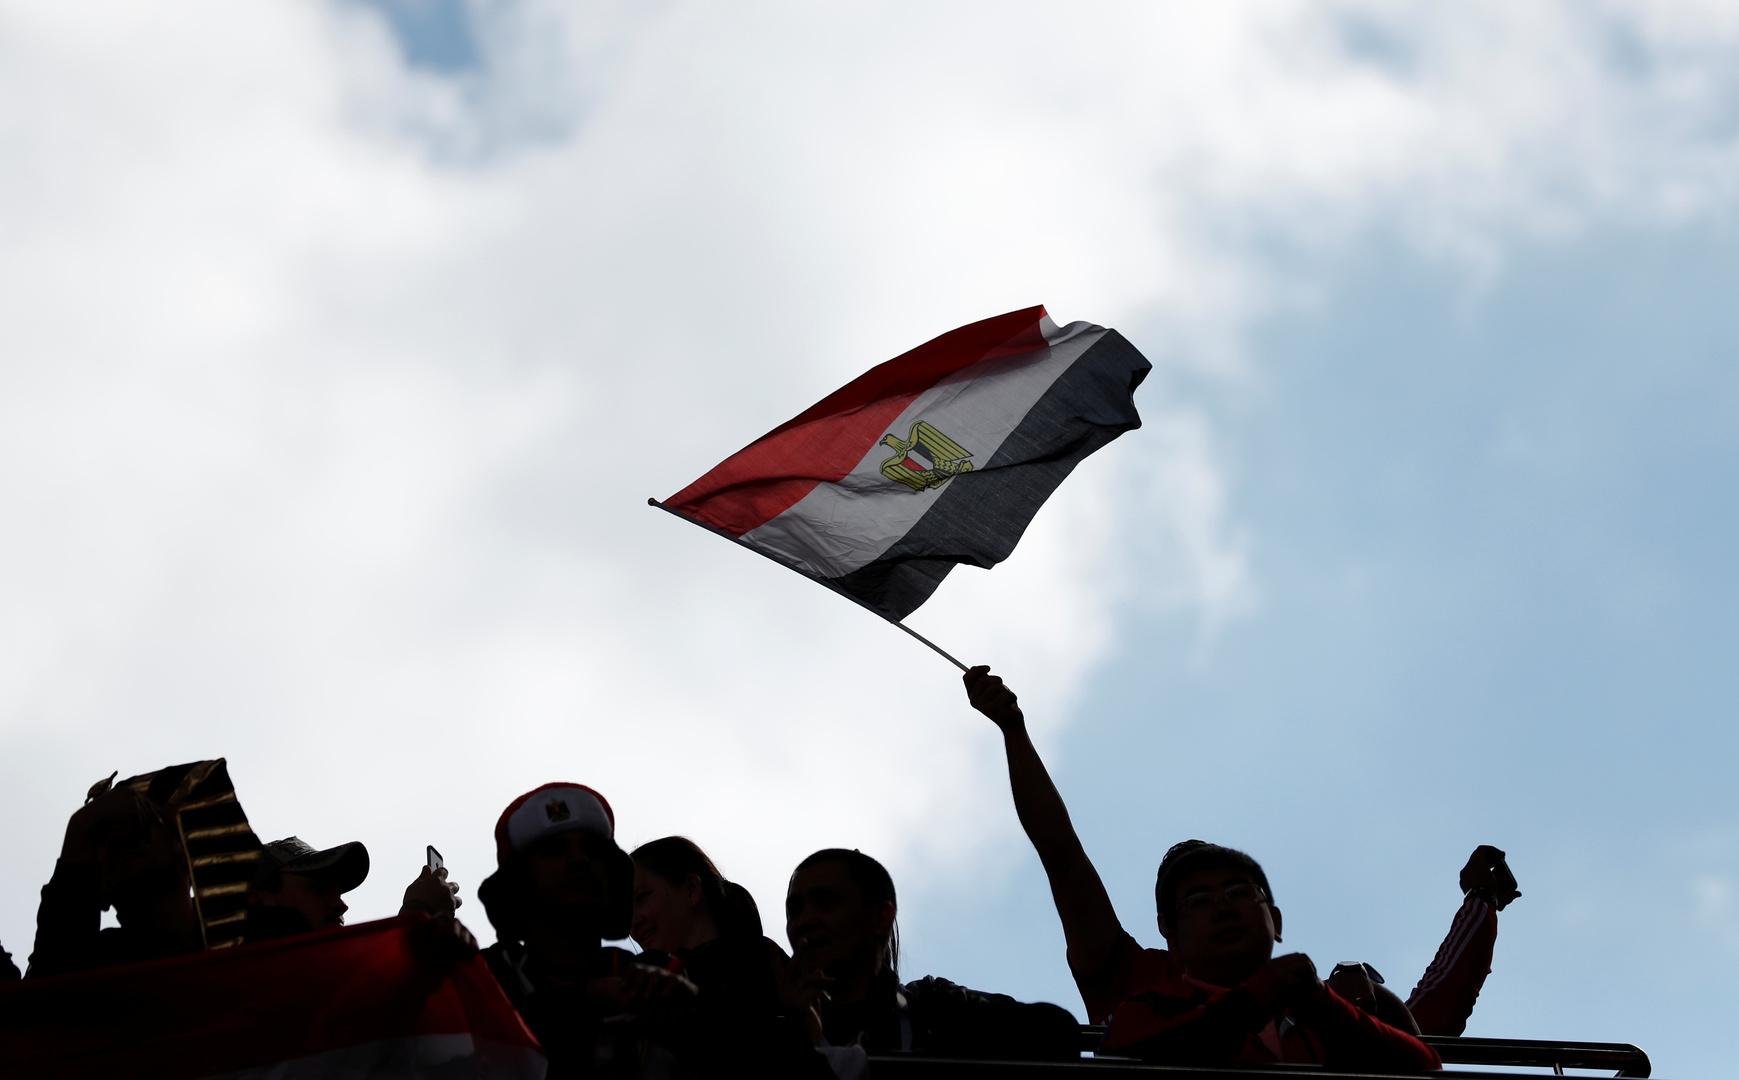 مصر.. دفن 20 جثة مجهولة عثر عليها بالقاهرة والجيزة